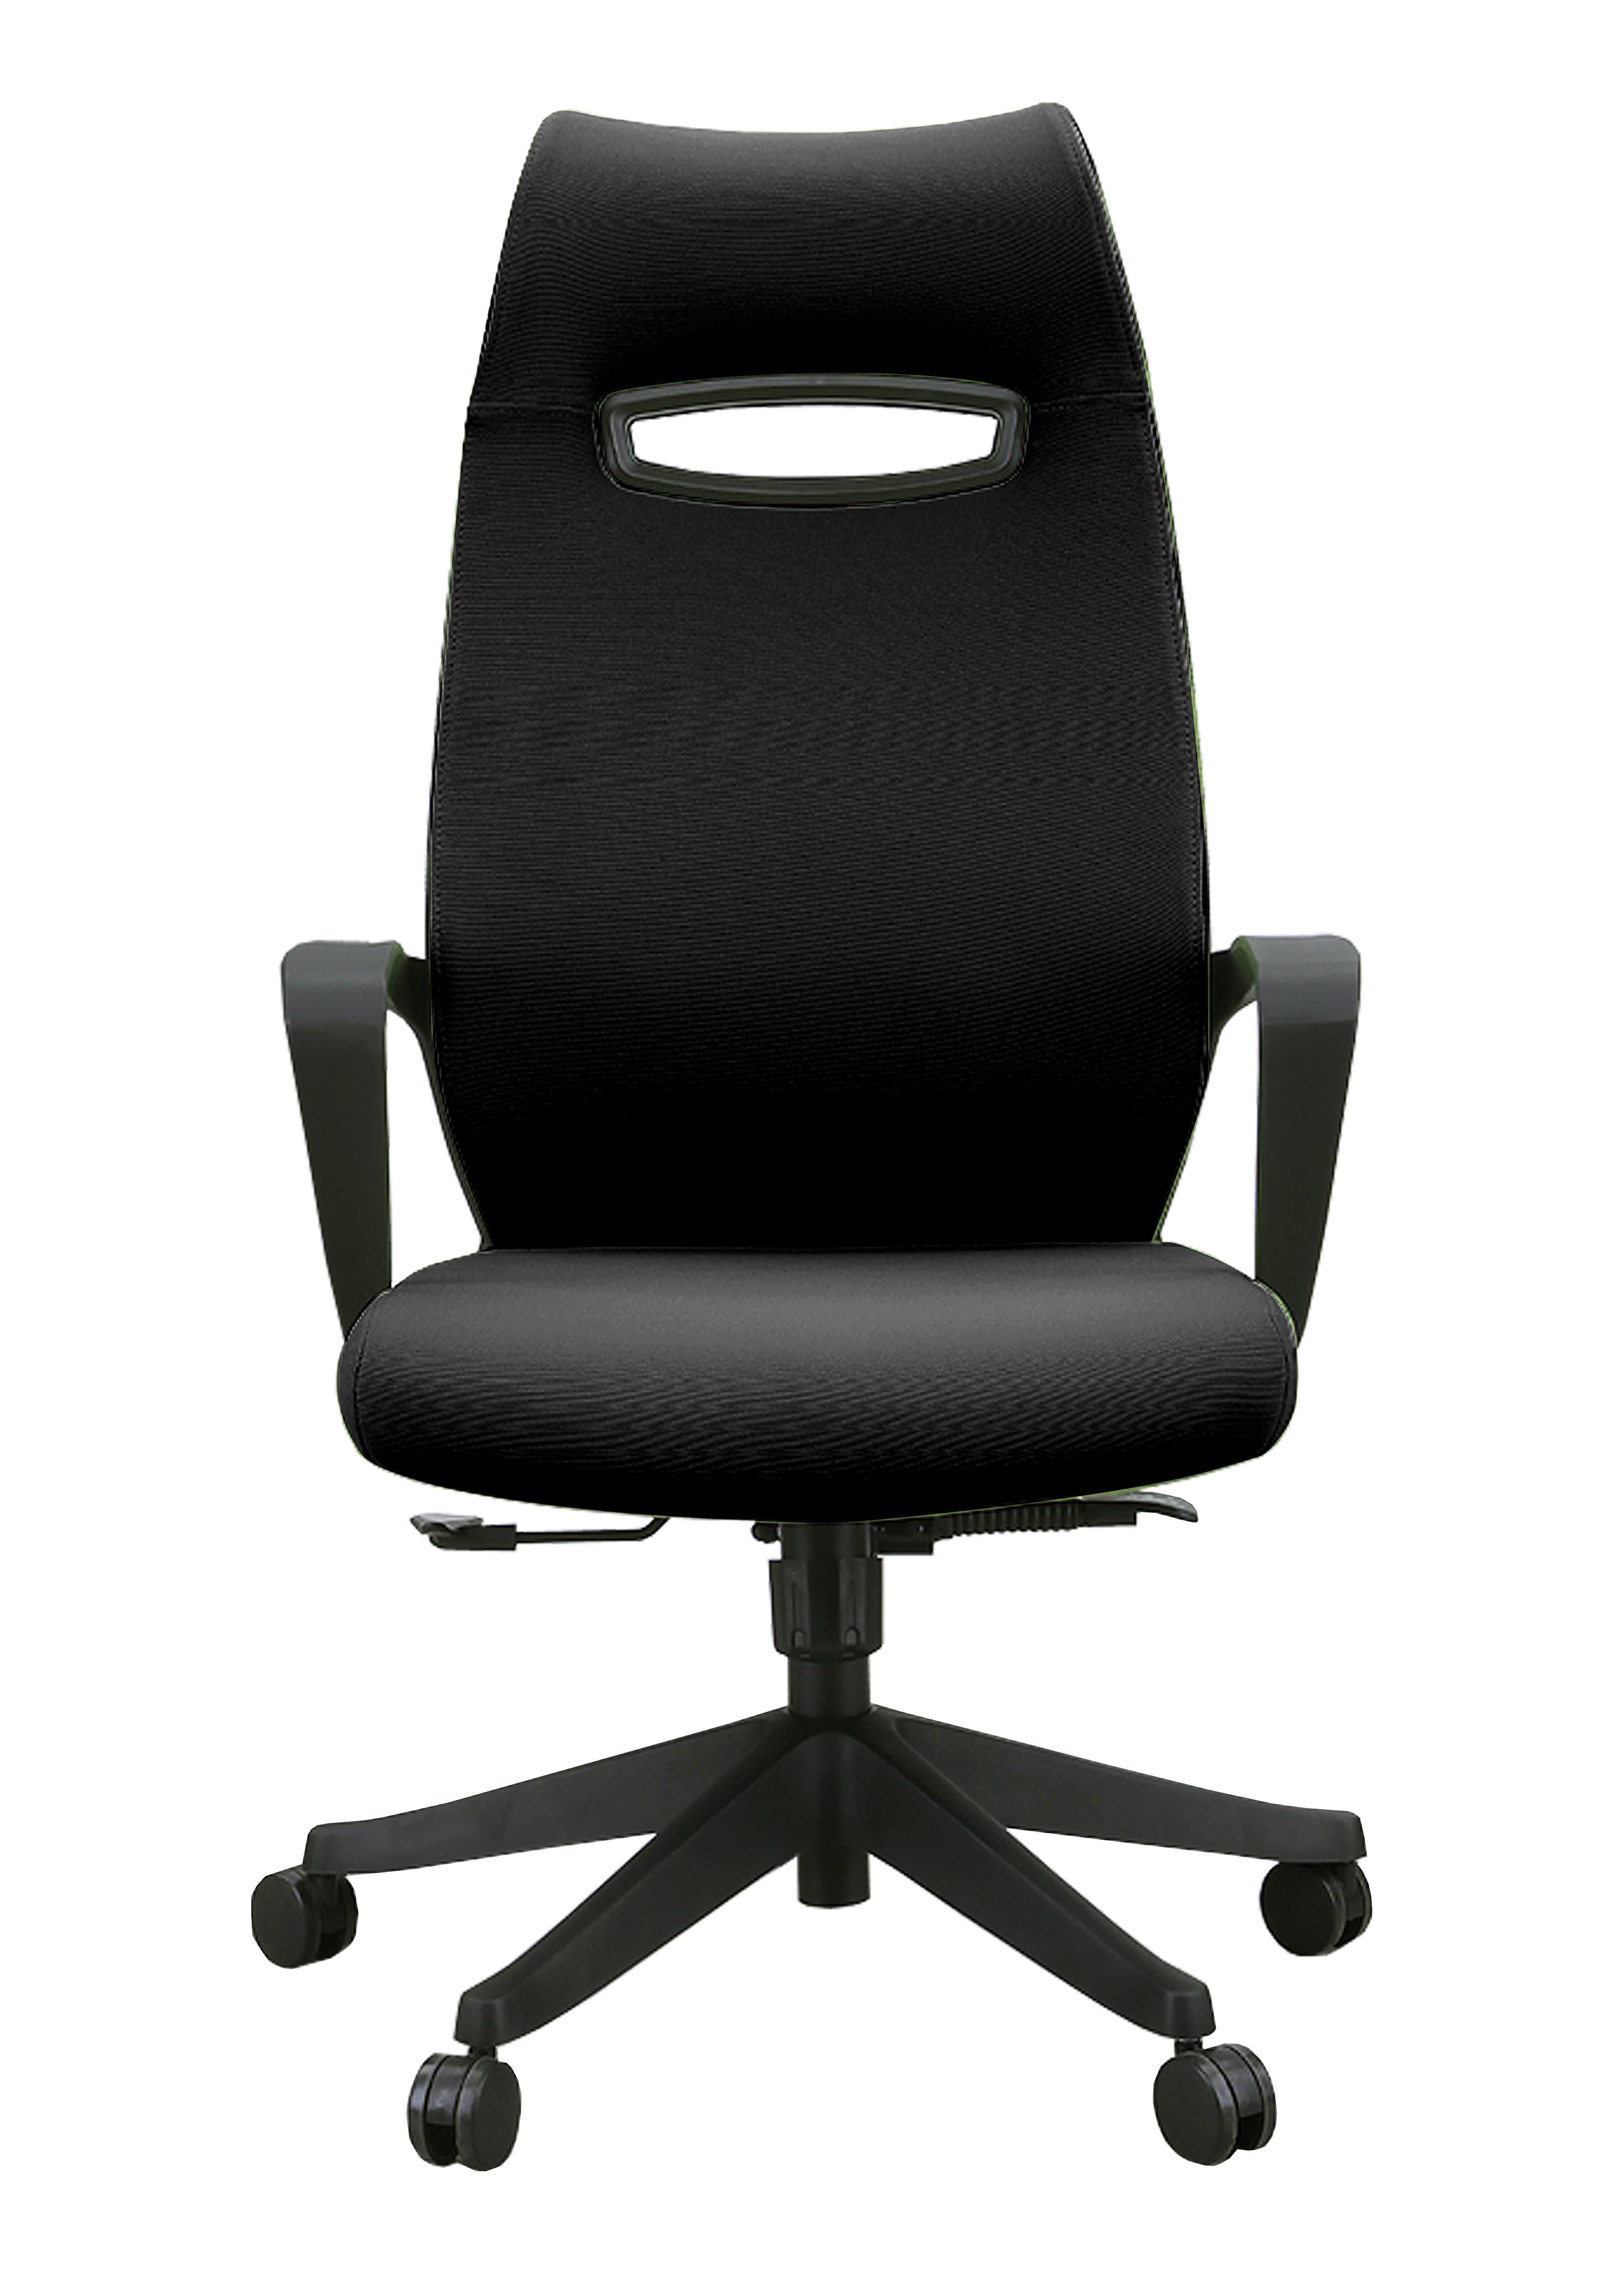 オフィスチェア ニード(ファブリック) ブラック:オフィスチェア